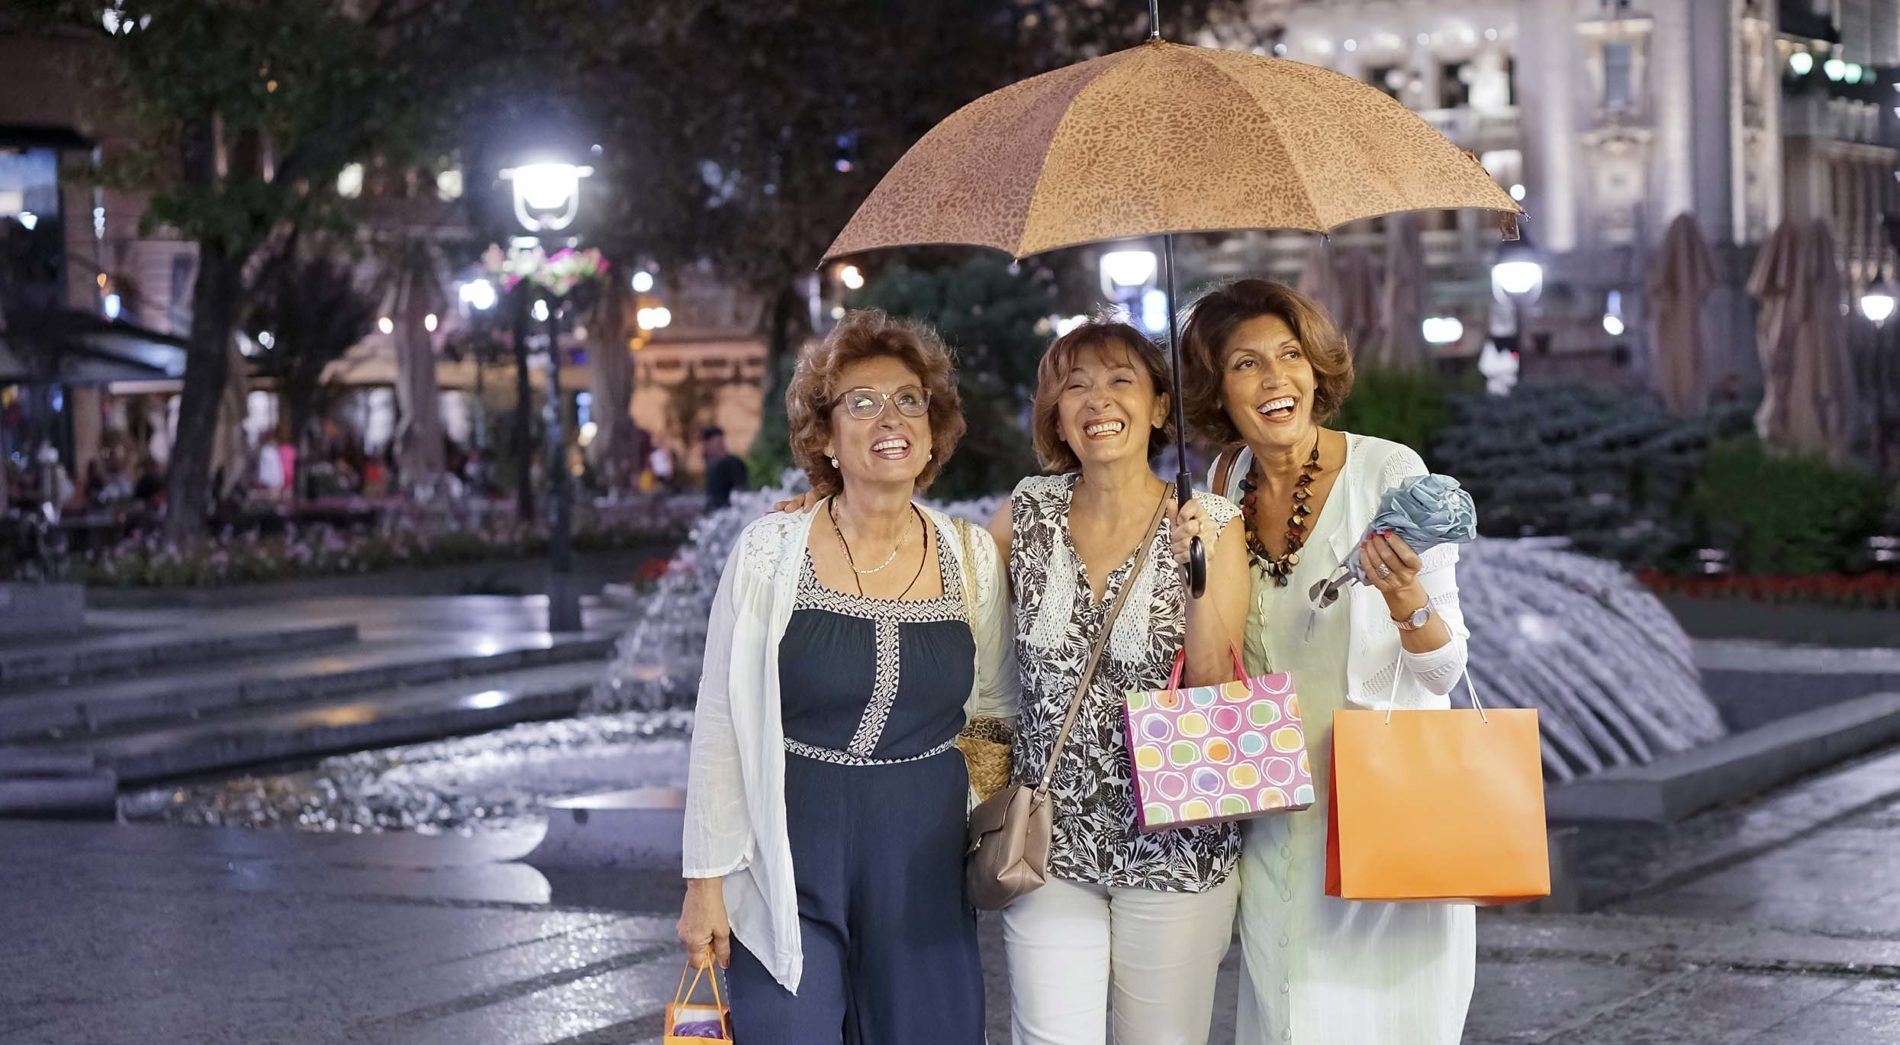 Women shopping in the rain